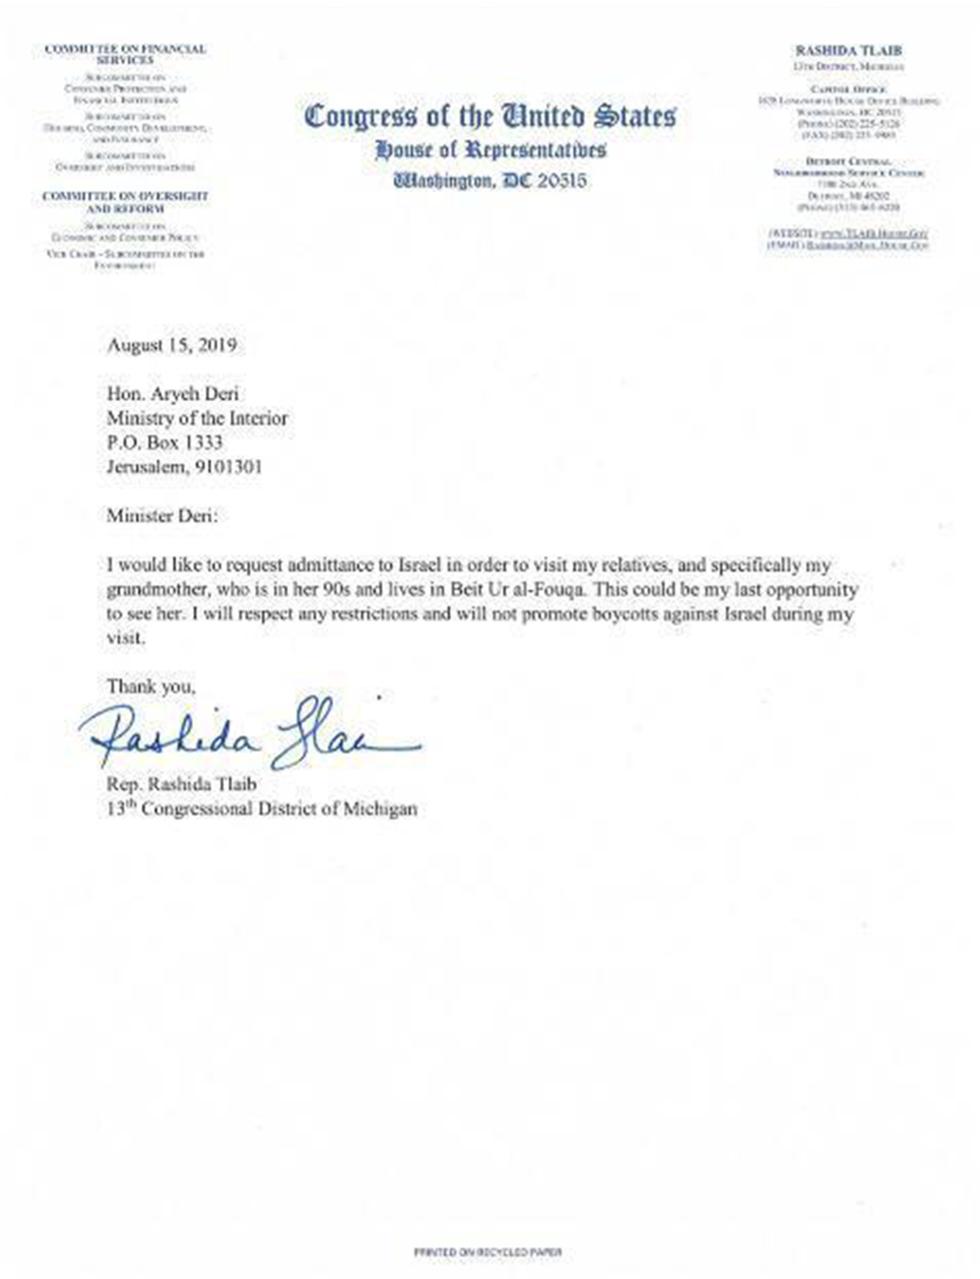 La carta enviada por Rashida Tlaib al Ministro del Interior de Israel